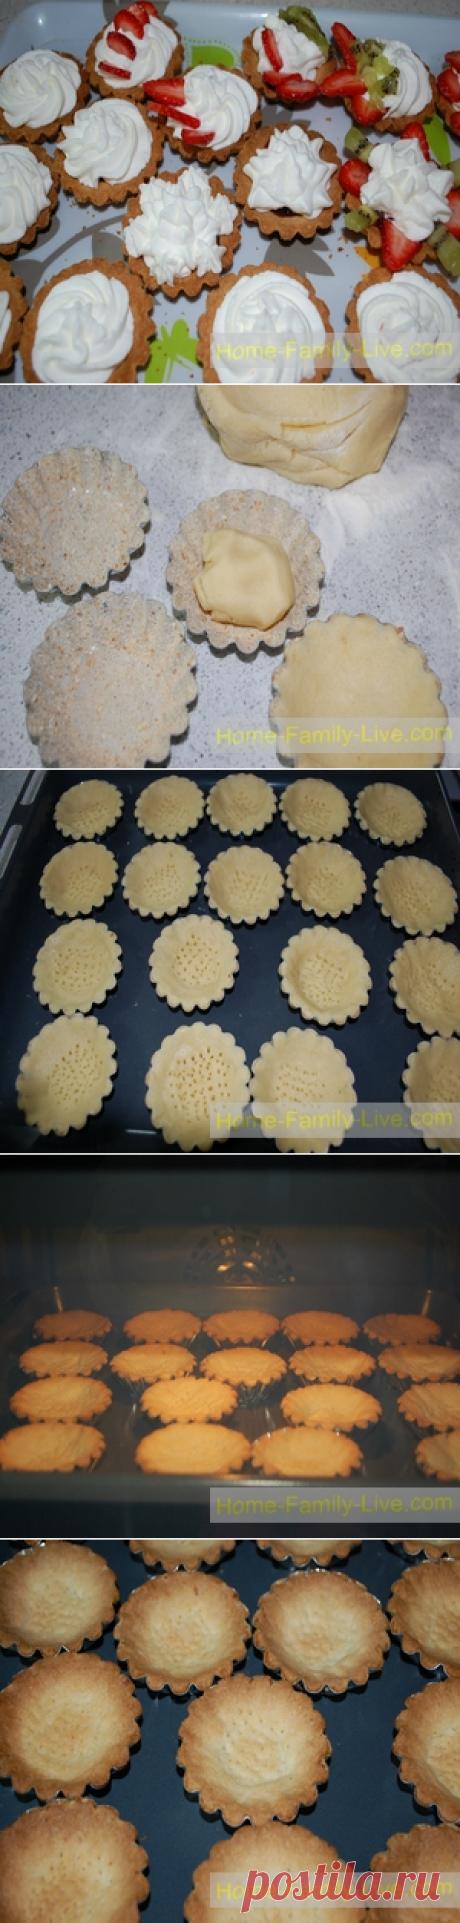 Песочные корзинки - пошаговый фоторецепт - десерт пирожноеКулинарные рецепты